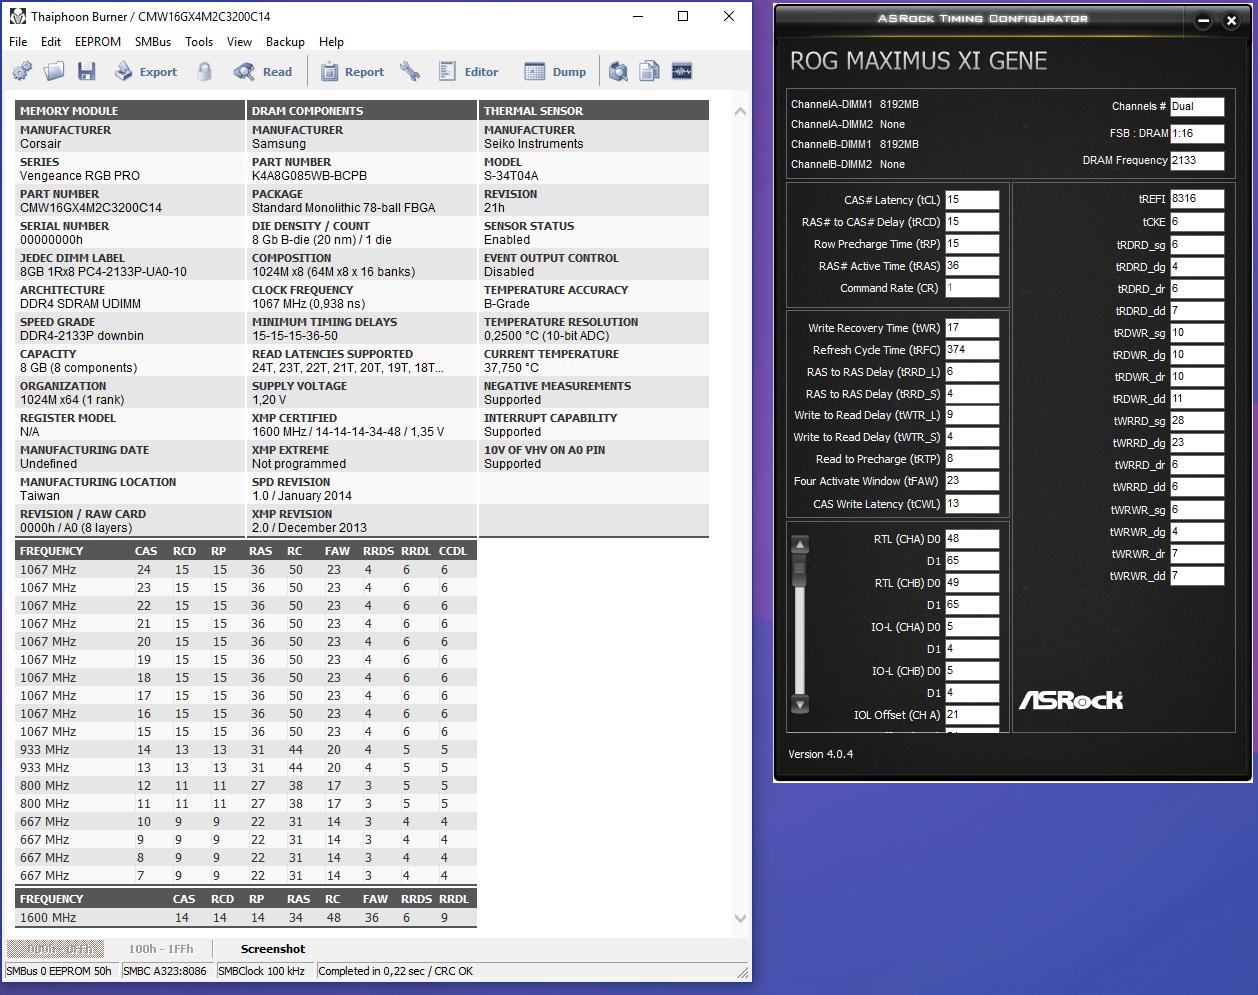 Kompyutery i komplektuyushcie - Obzor komplekta operativnoy pamyati DDR4-3200 CORSAIR VENGEANCE RGB PRO [CMW16GX4M2C3200C14]: proizvoditelnost, dostupnost, yarkost